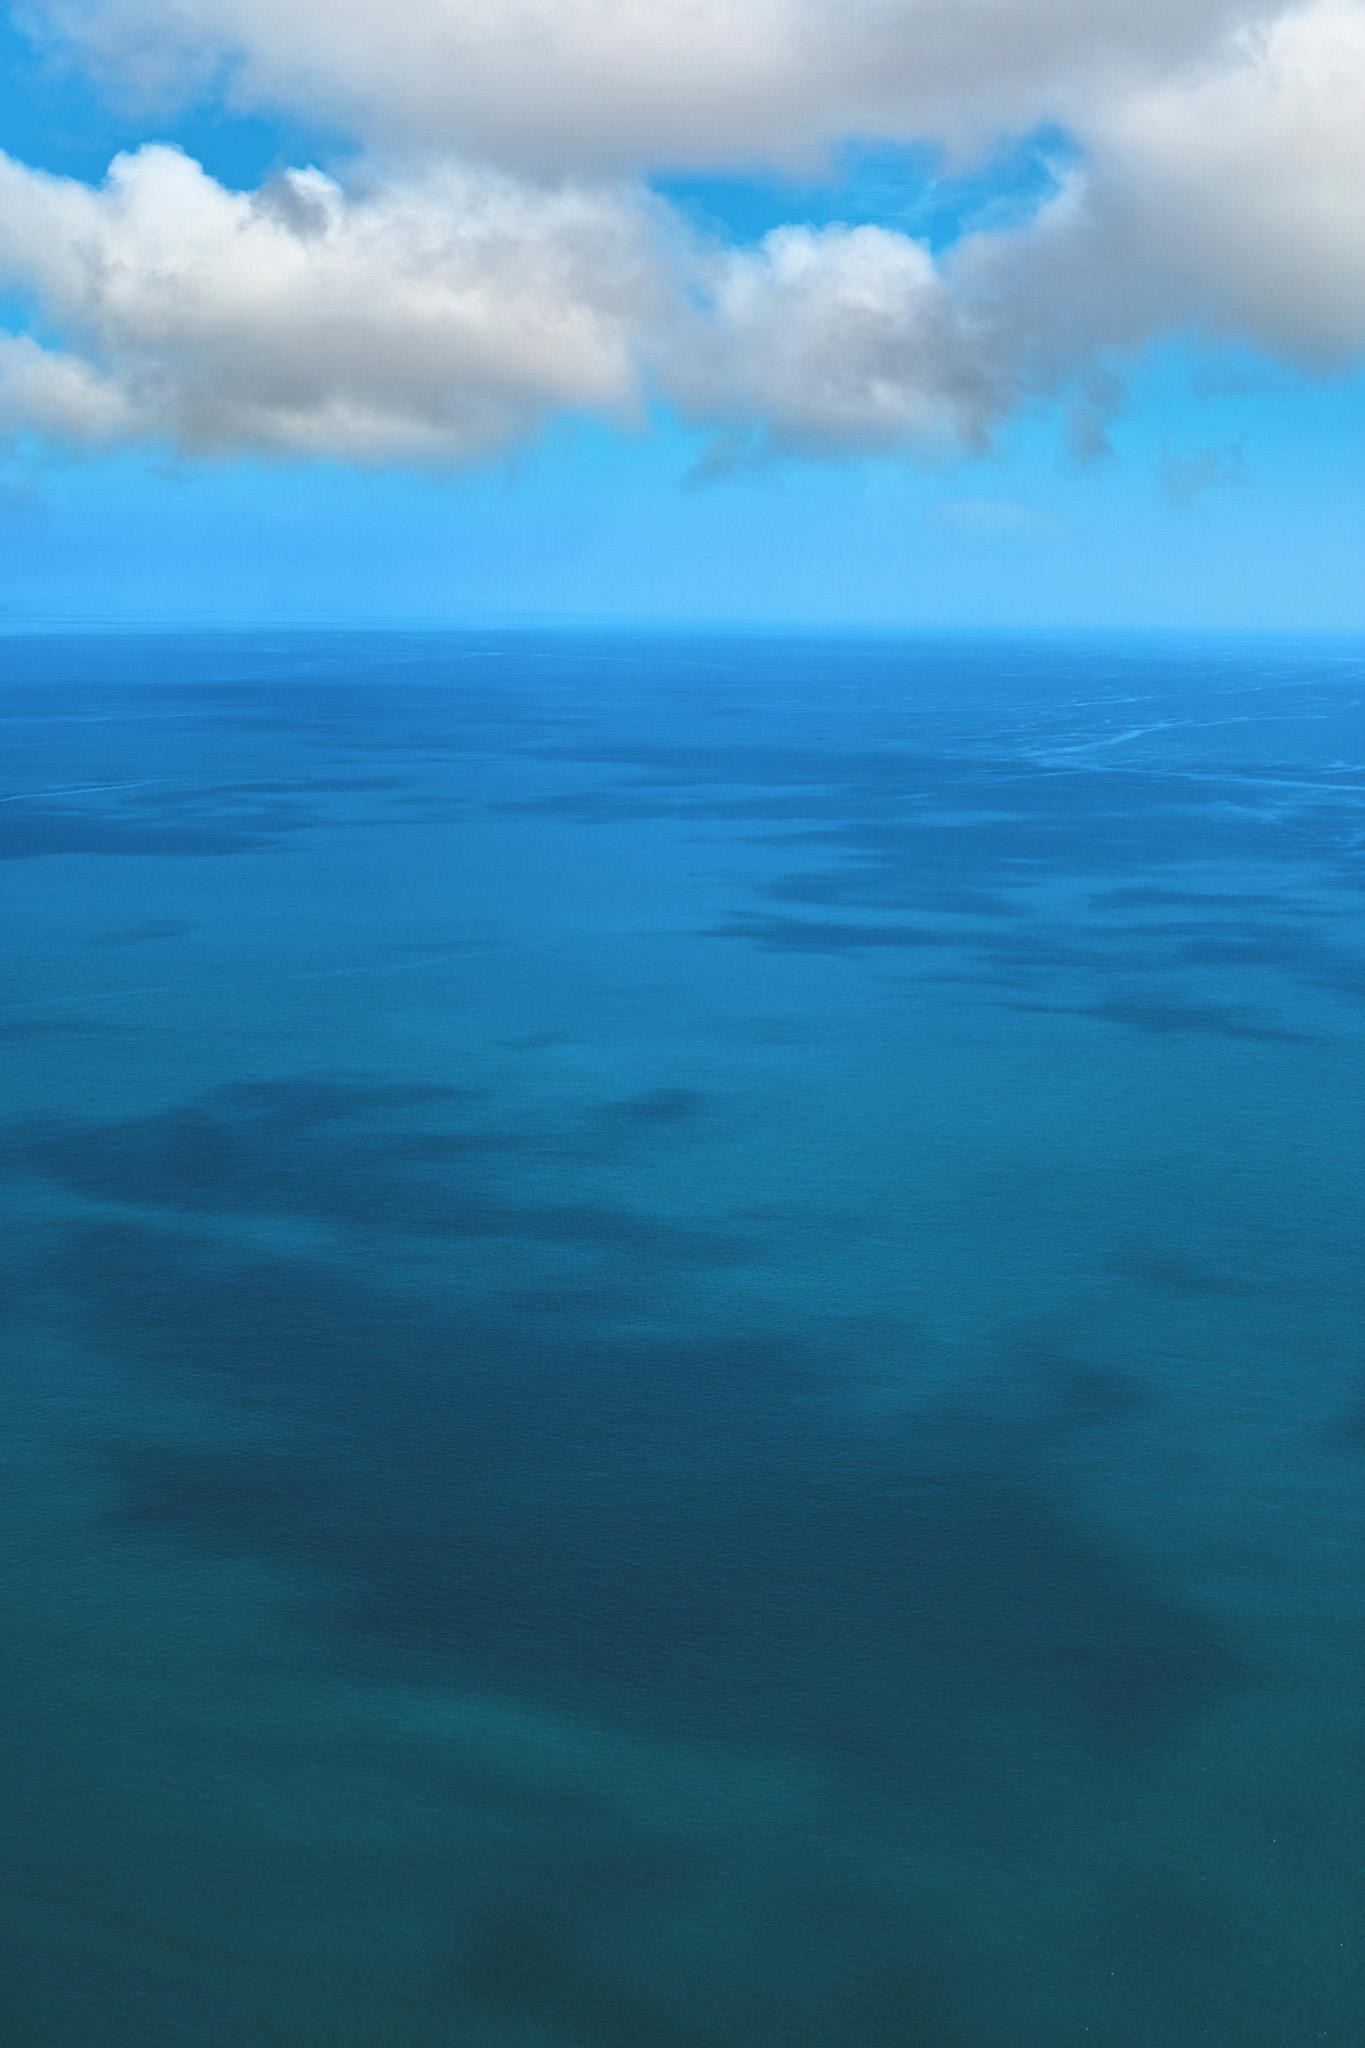 「エメラルドグリーンの海面」